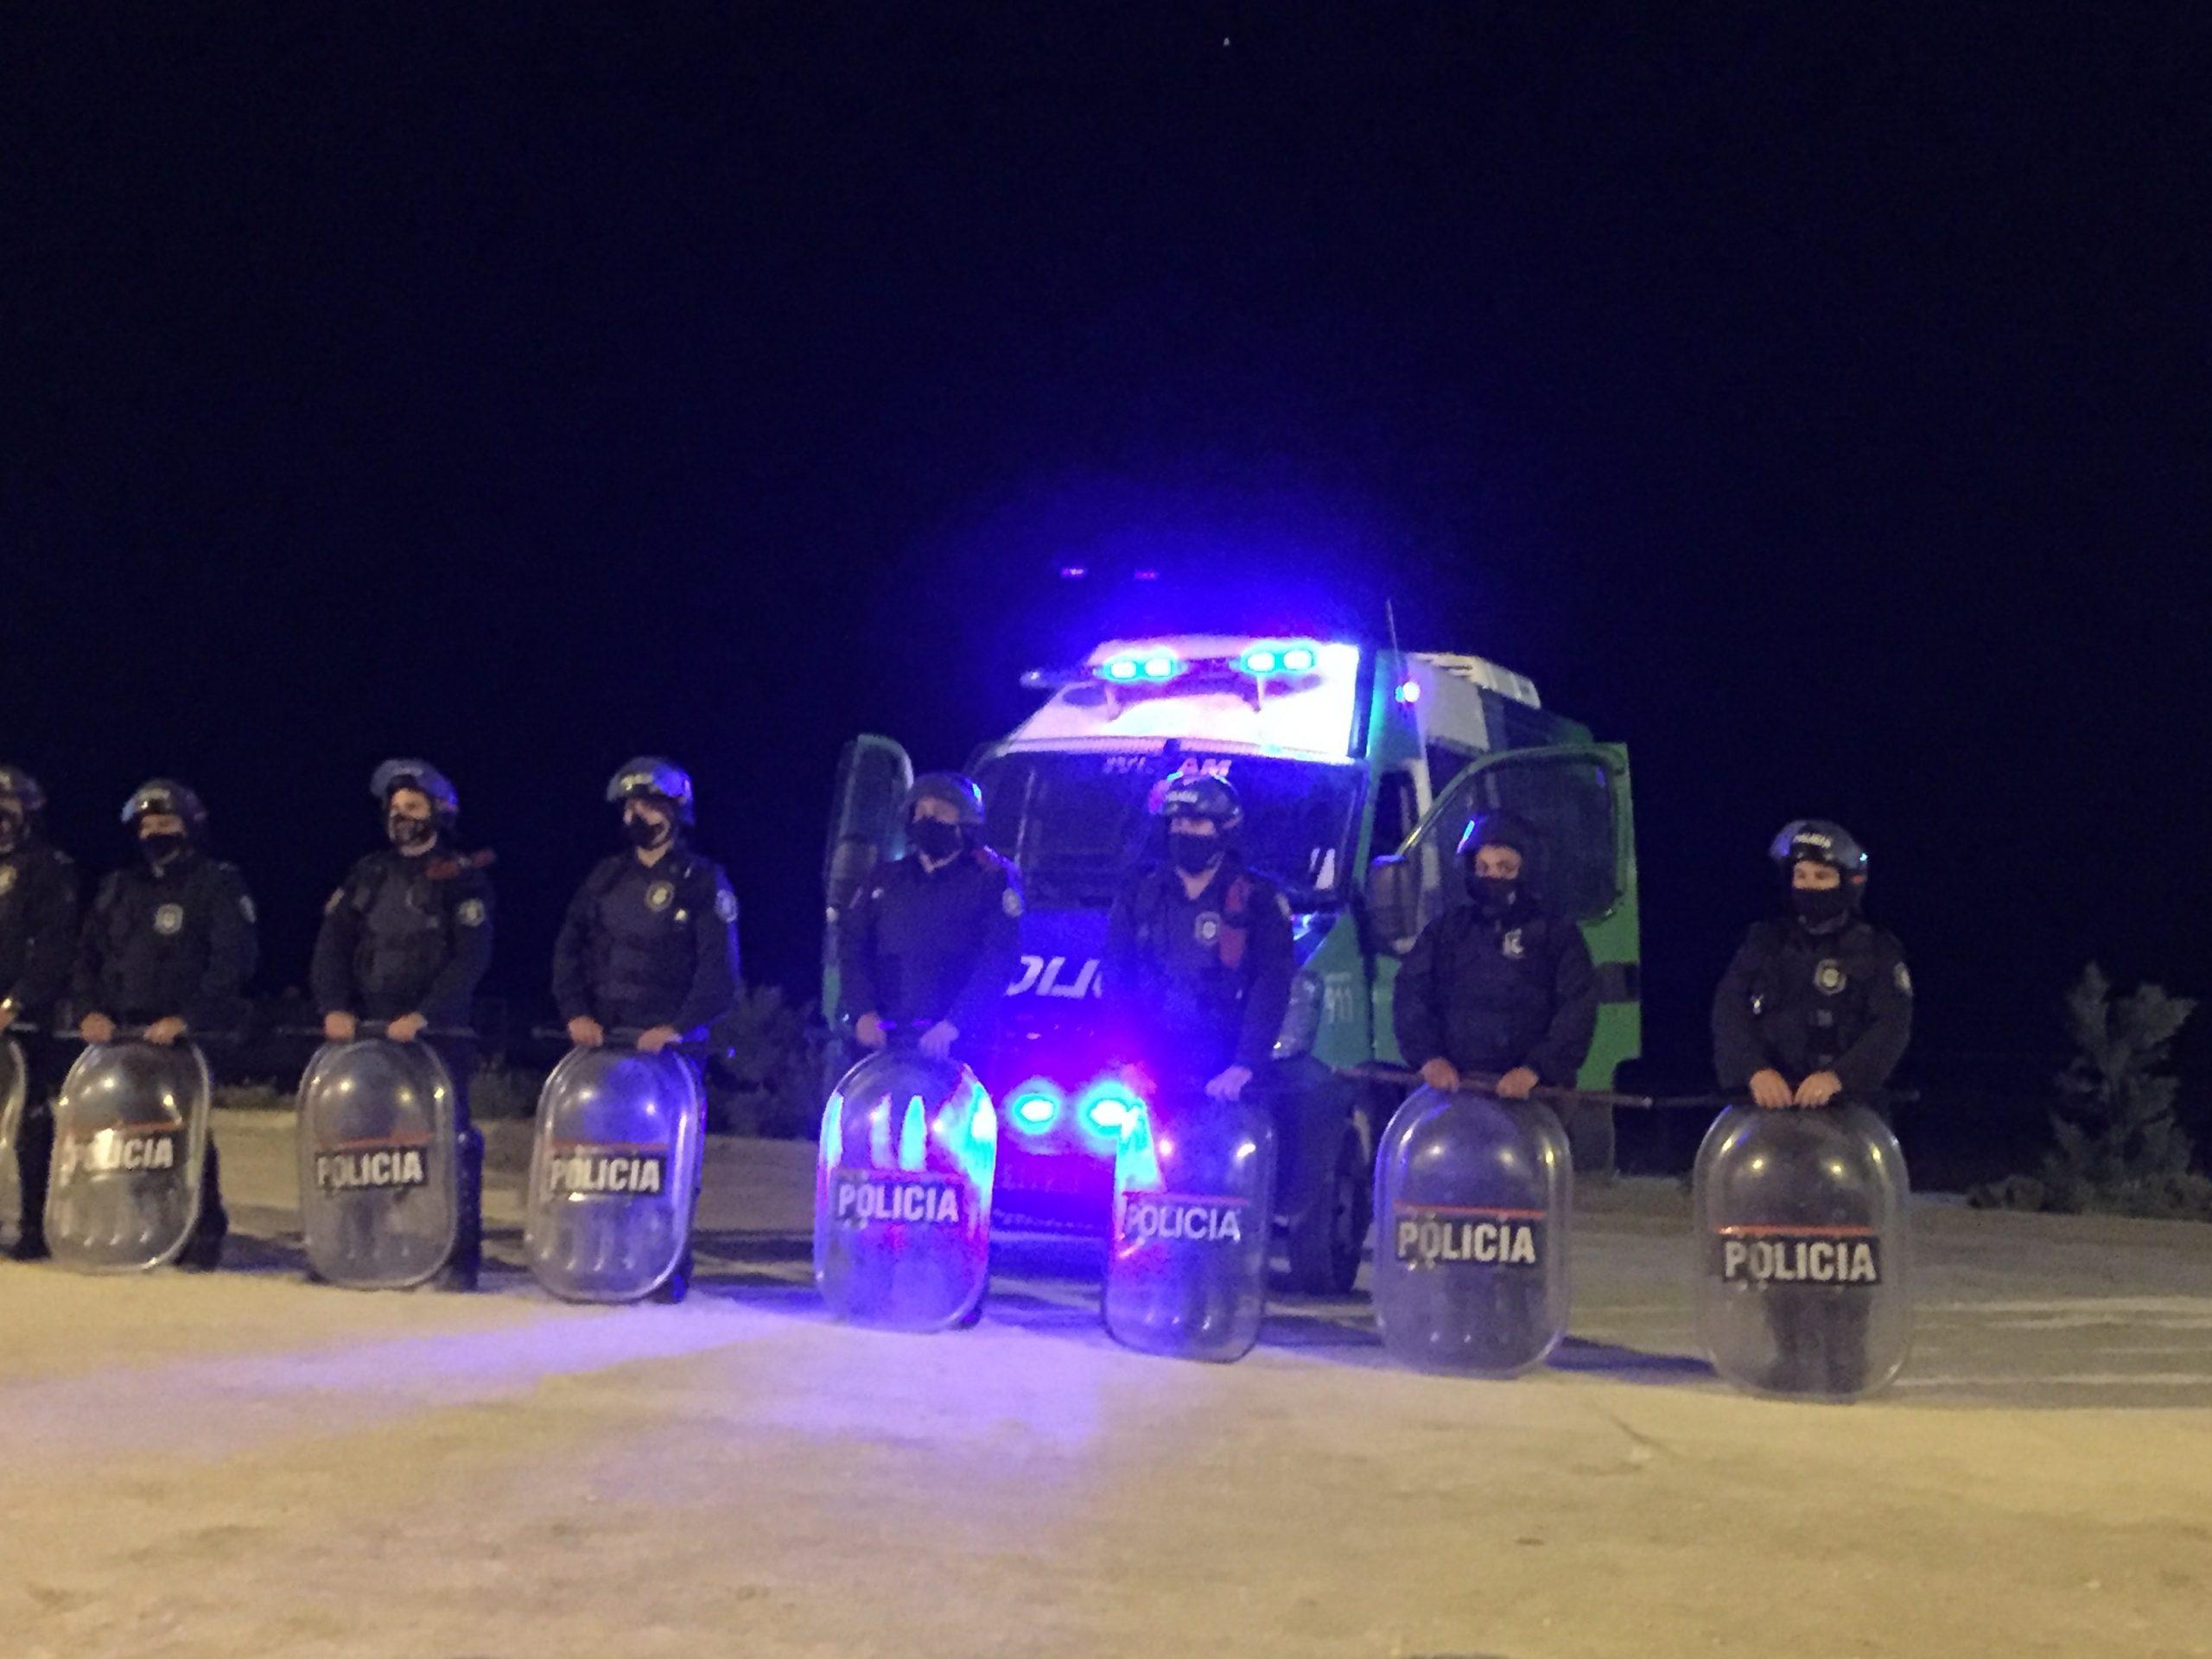 Photo of Toque de queda nocturno: desde hoy se suspenden las actividades de 1 a 6 de la madrugada